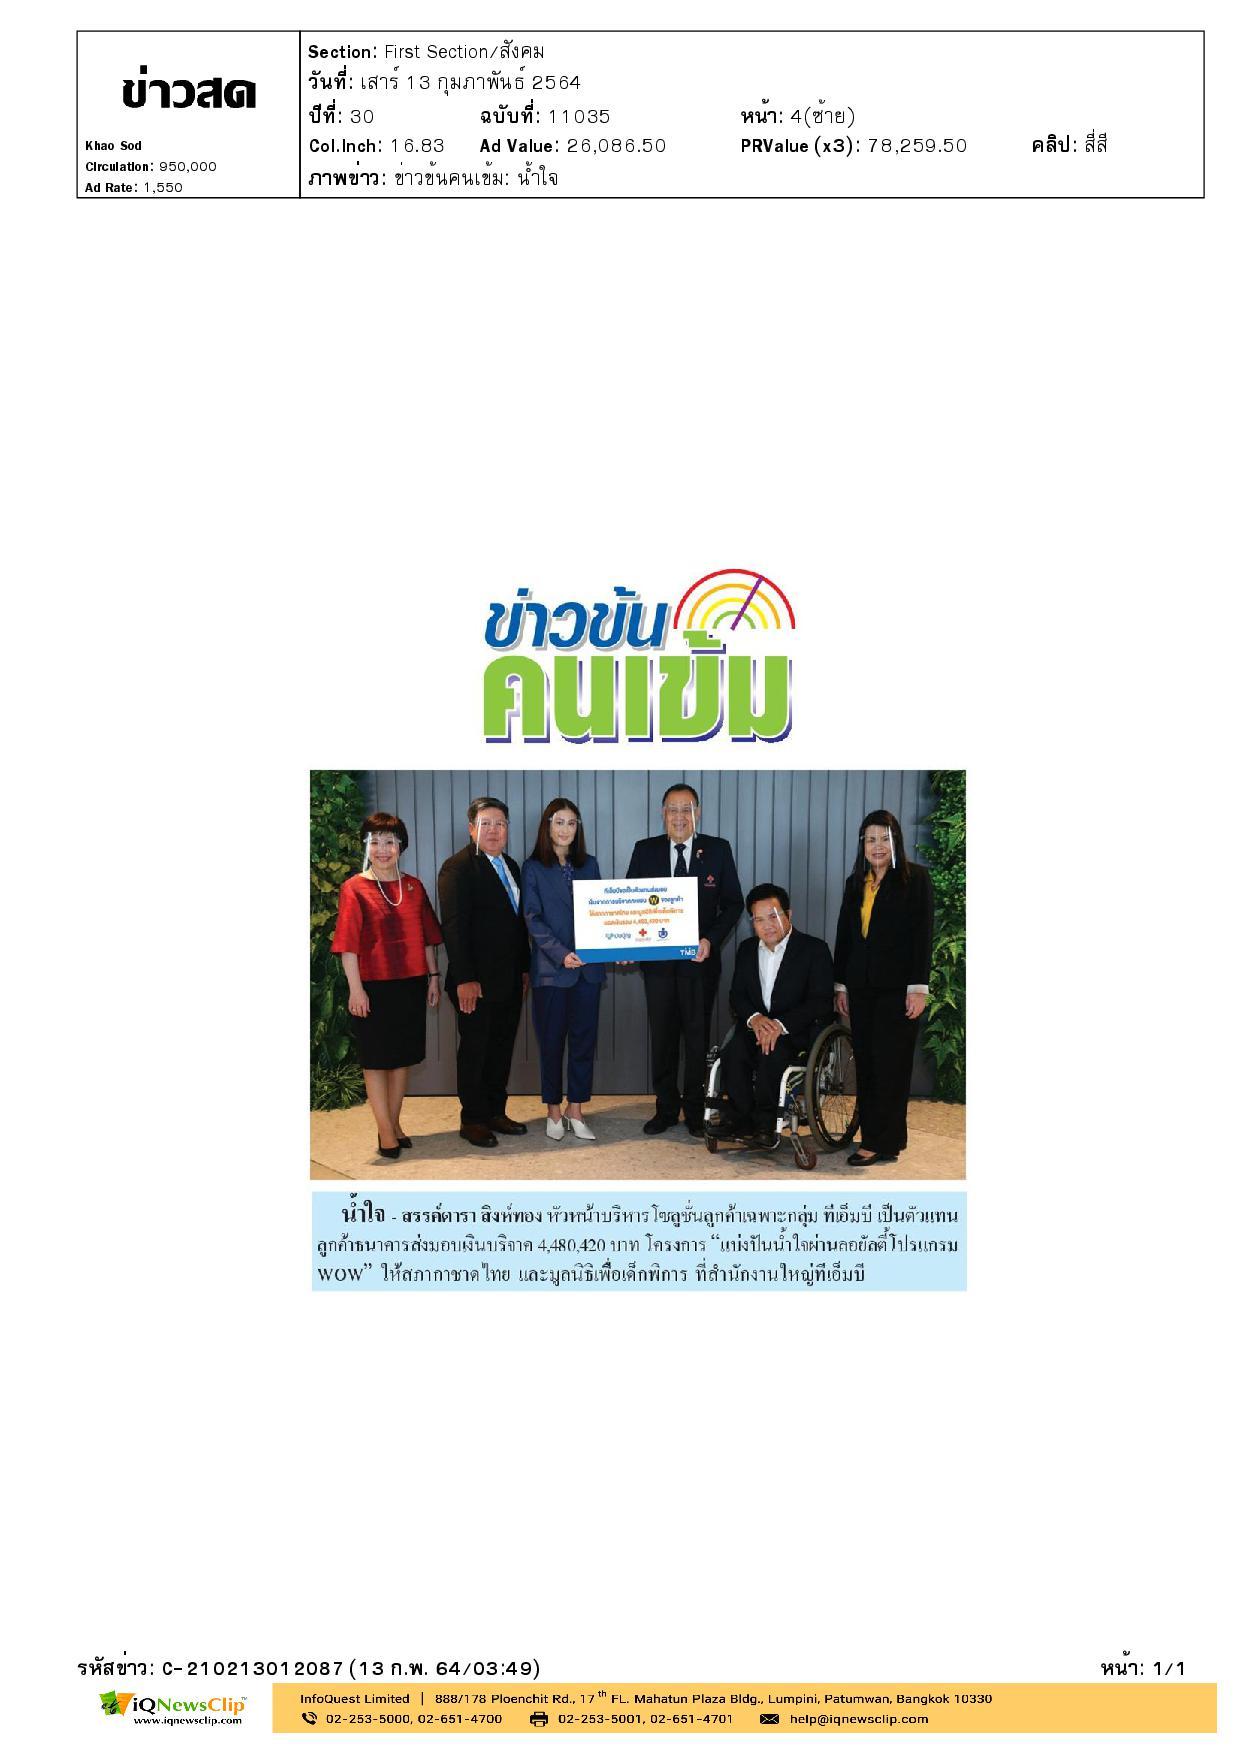 ธนาคารทหารไทยมอบเงิน ให้สภากาชาดไทย